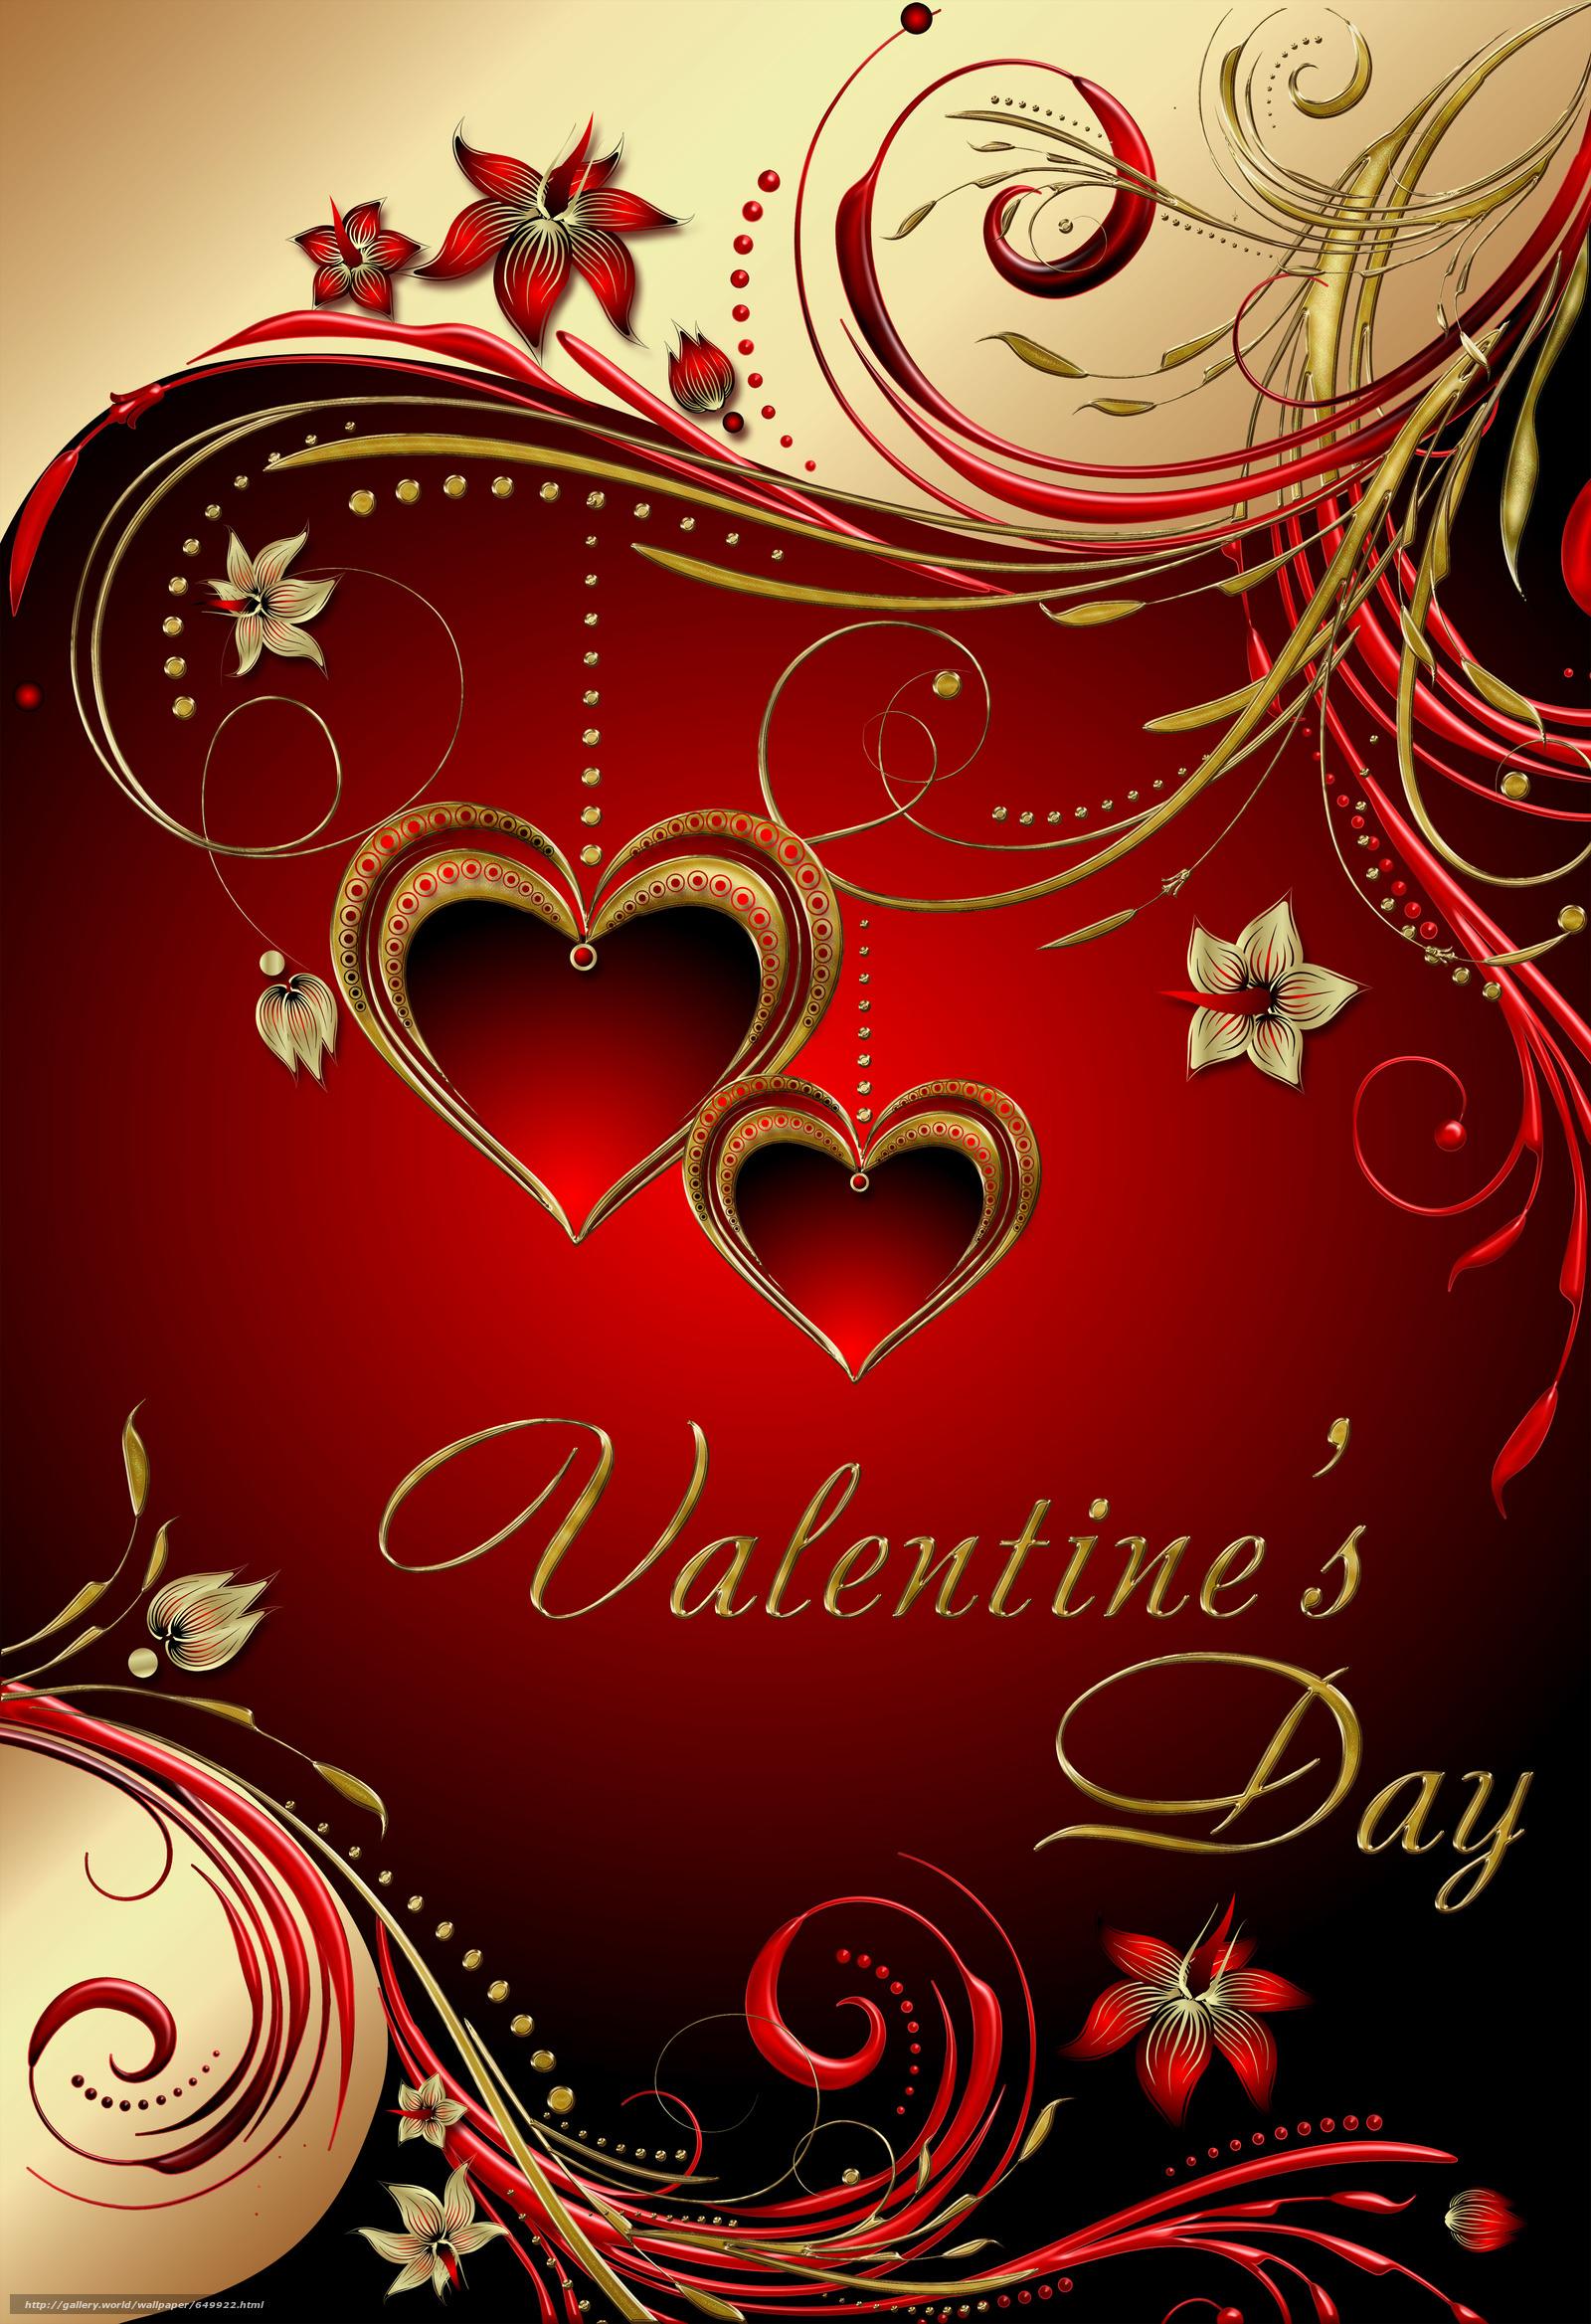 Скачать обои Валентинки,  Валентинка,  День святого Валентина,  день влюблённых бесплатно для рабочего стола в разрешении 4108x6000 — картинка №649922